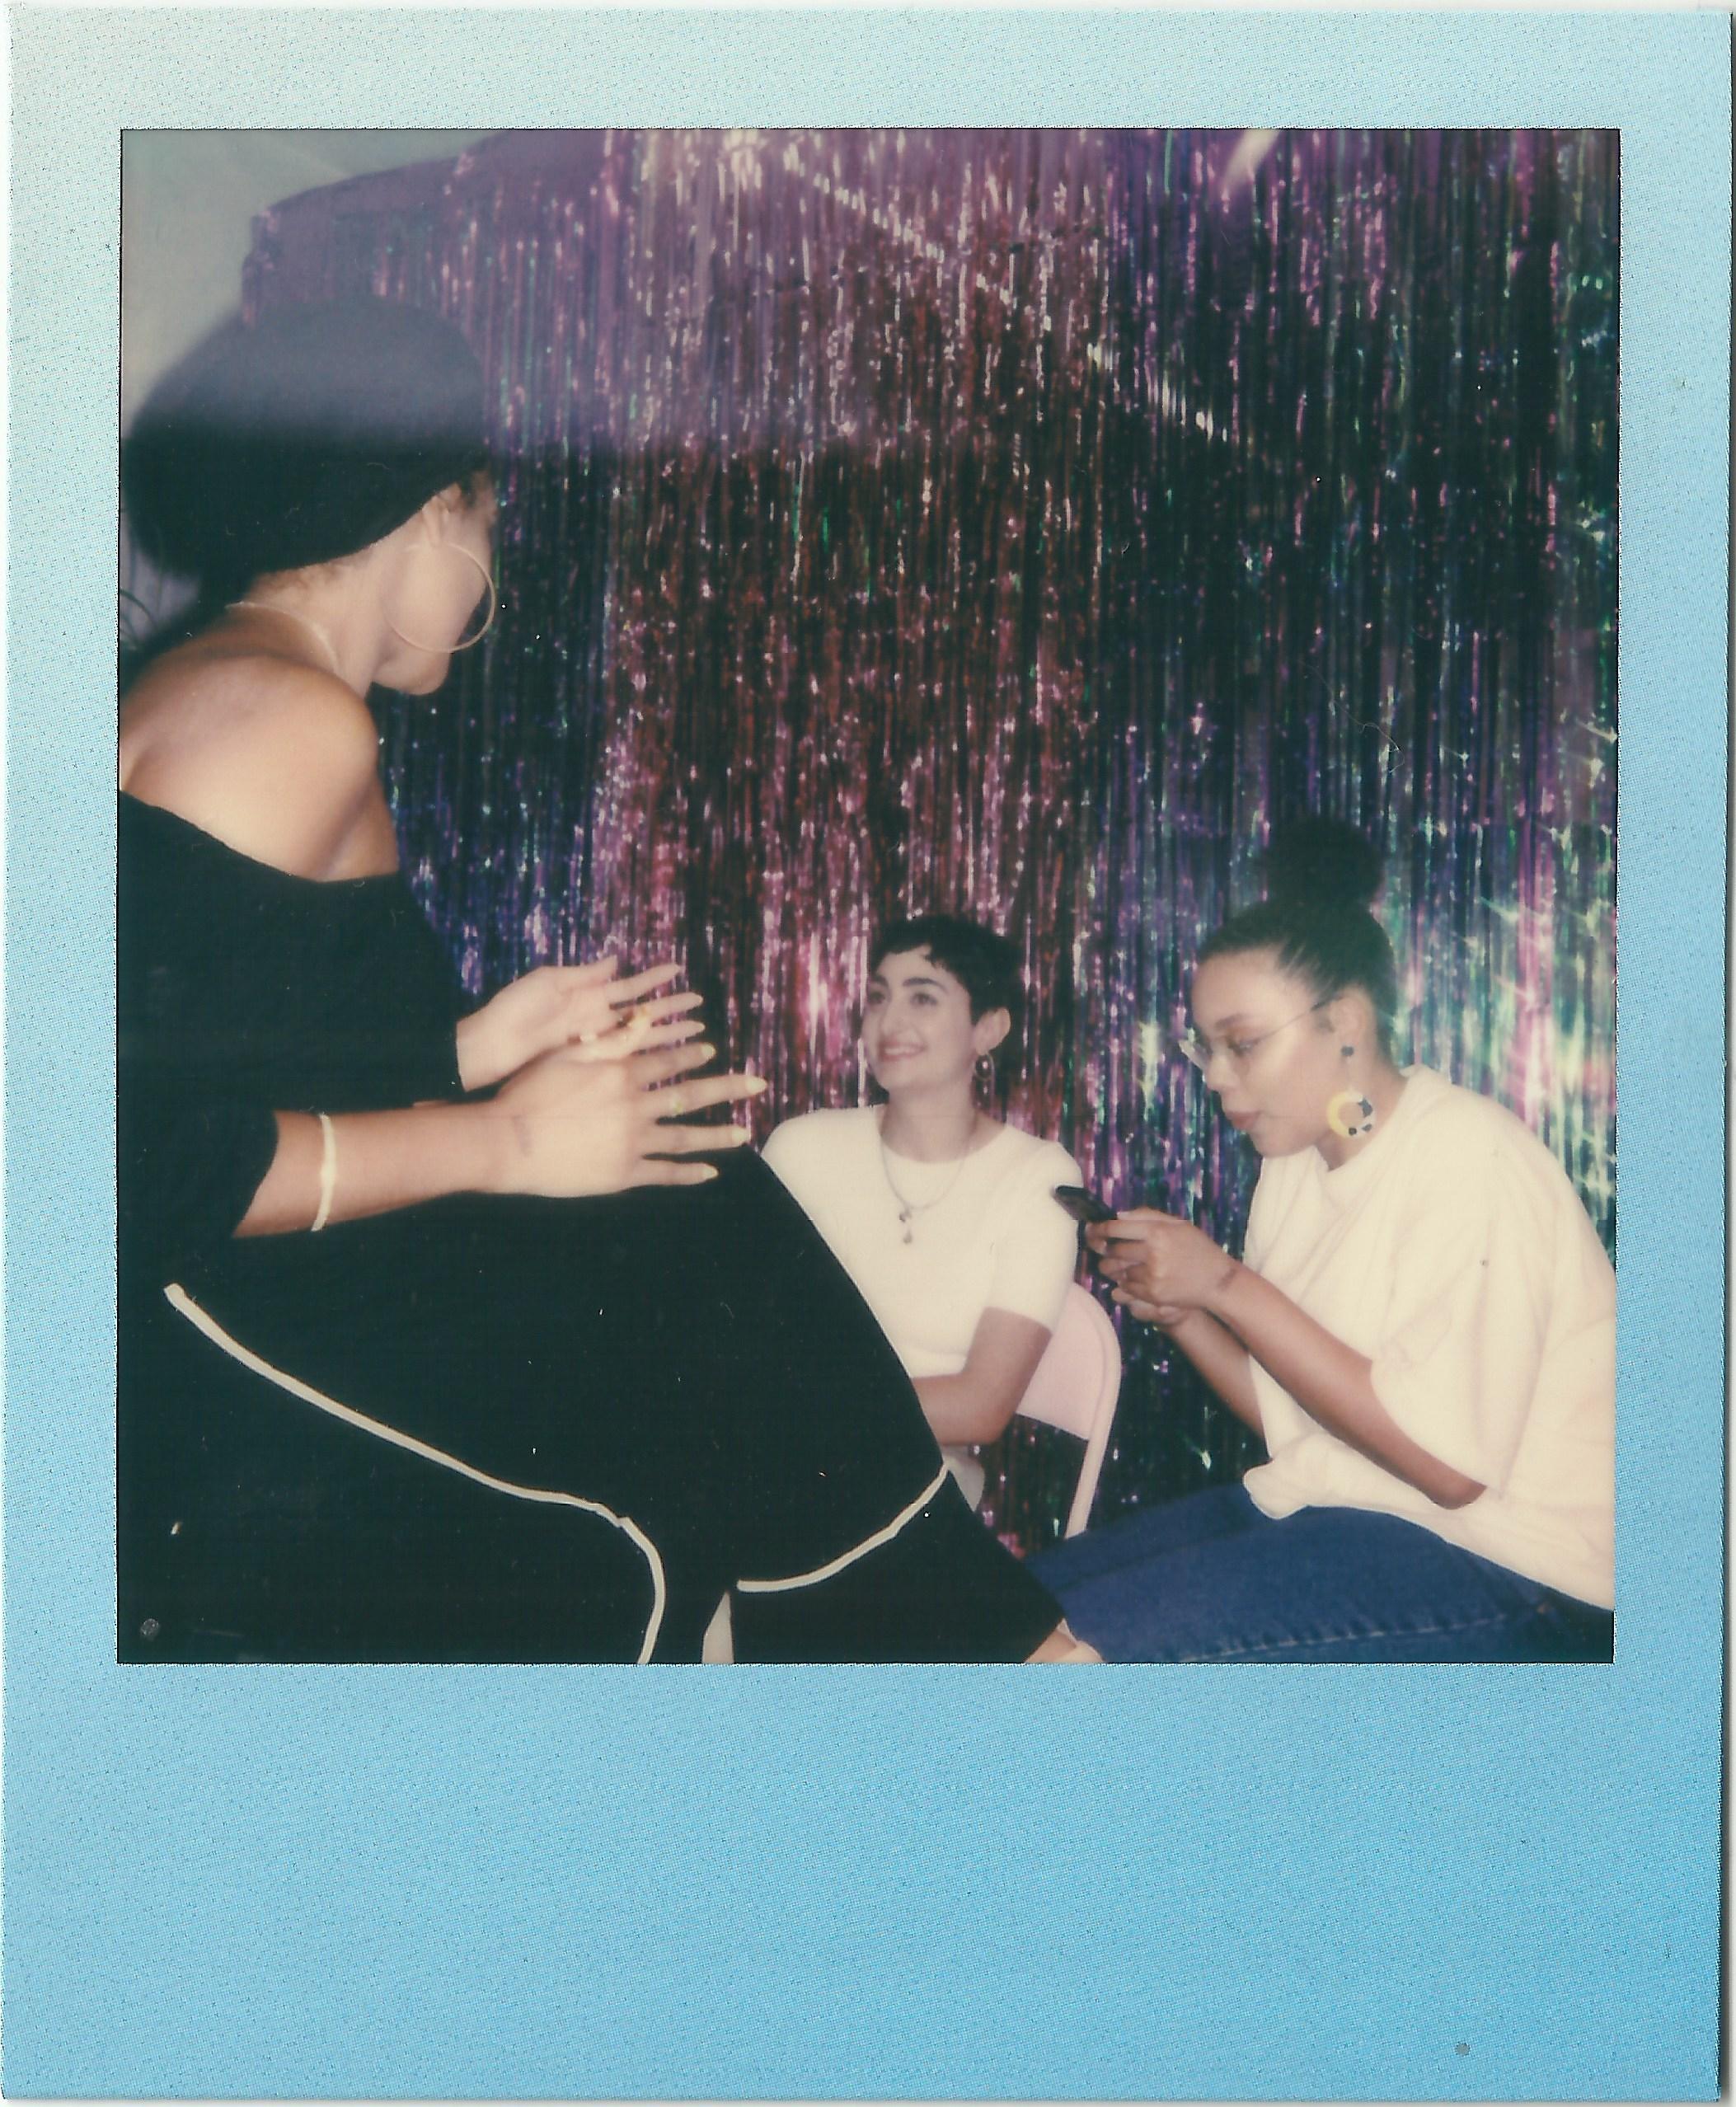 Polaroids by Jameela Elfaki - With thanks to Polaroid Originals